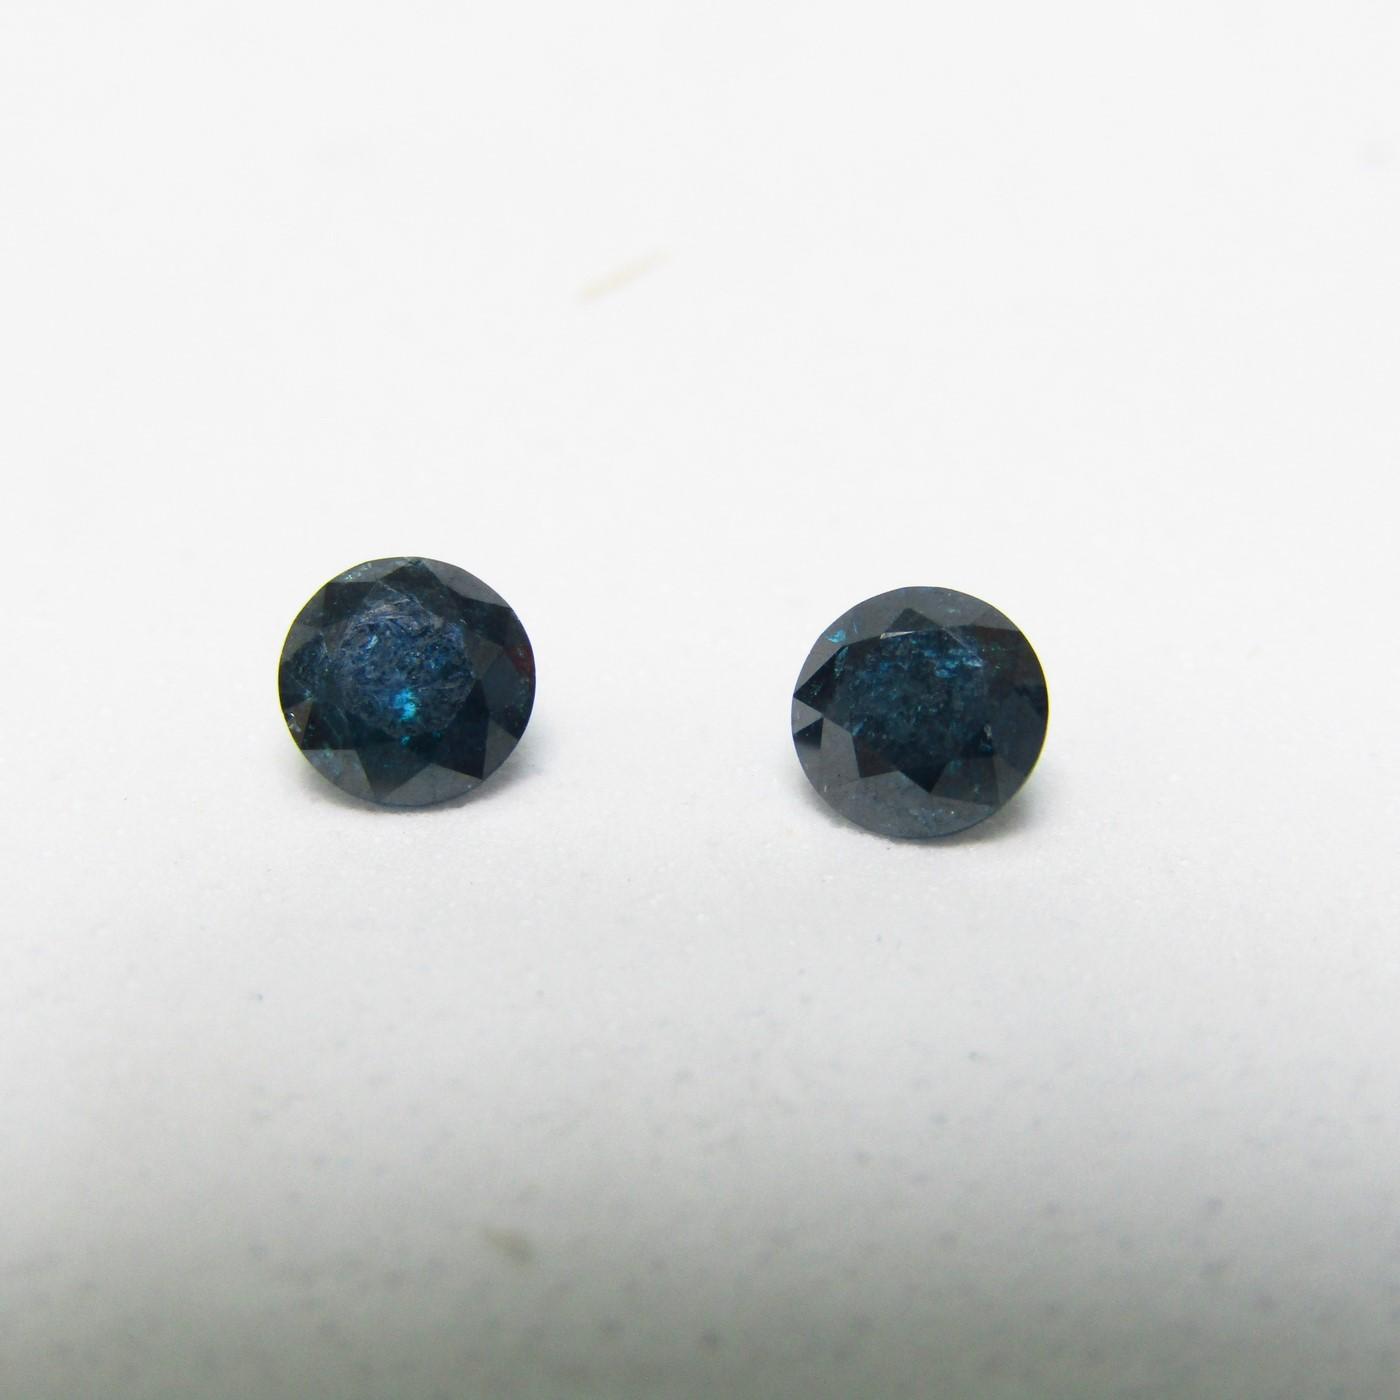 Conjunto de Dos Diamantes Naturales de 0,48 ct y 0,46 ct. Total: 0,94 ct. Talla. Brillante. Color: Blue. Pureza: N/A. Sin datos de tratamiento.